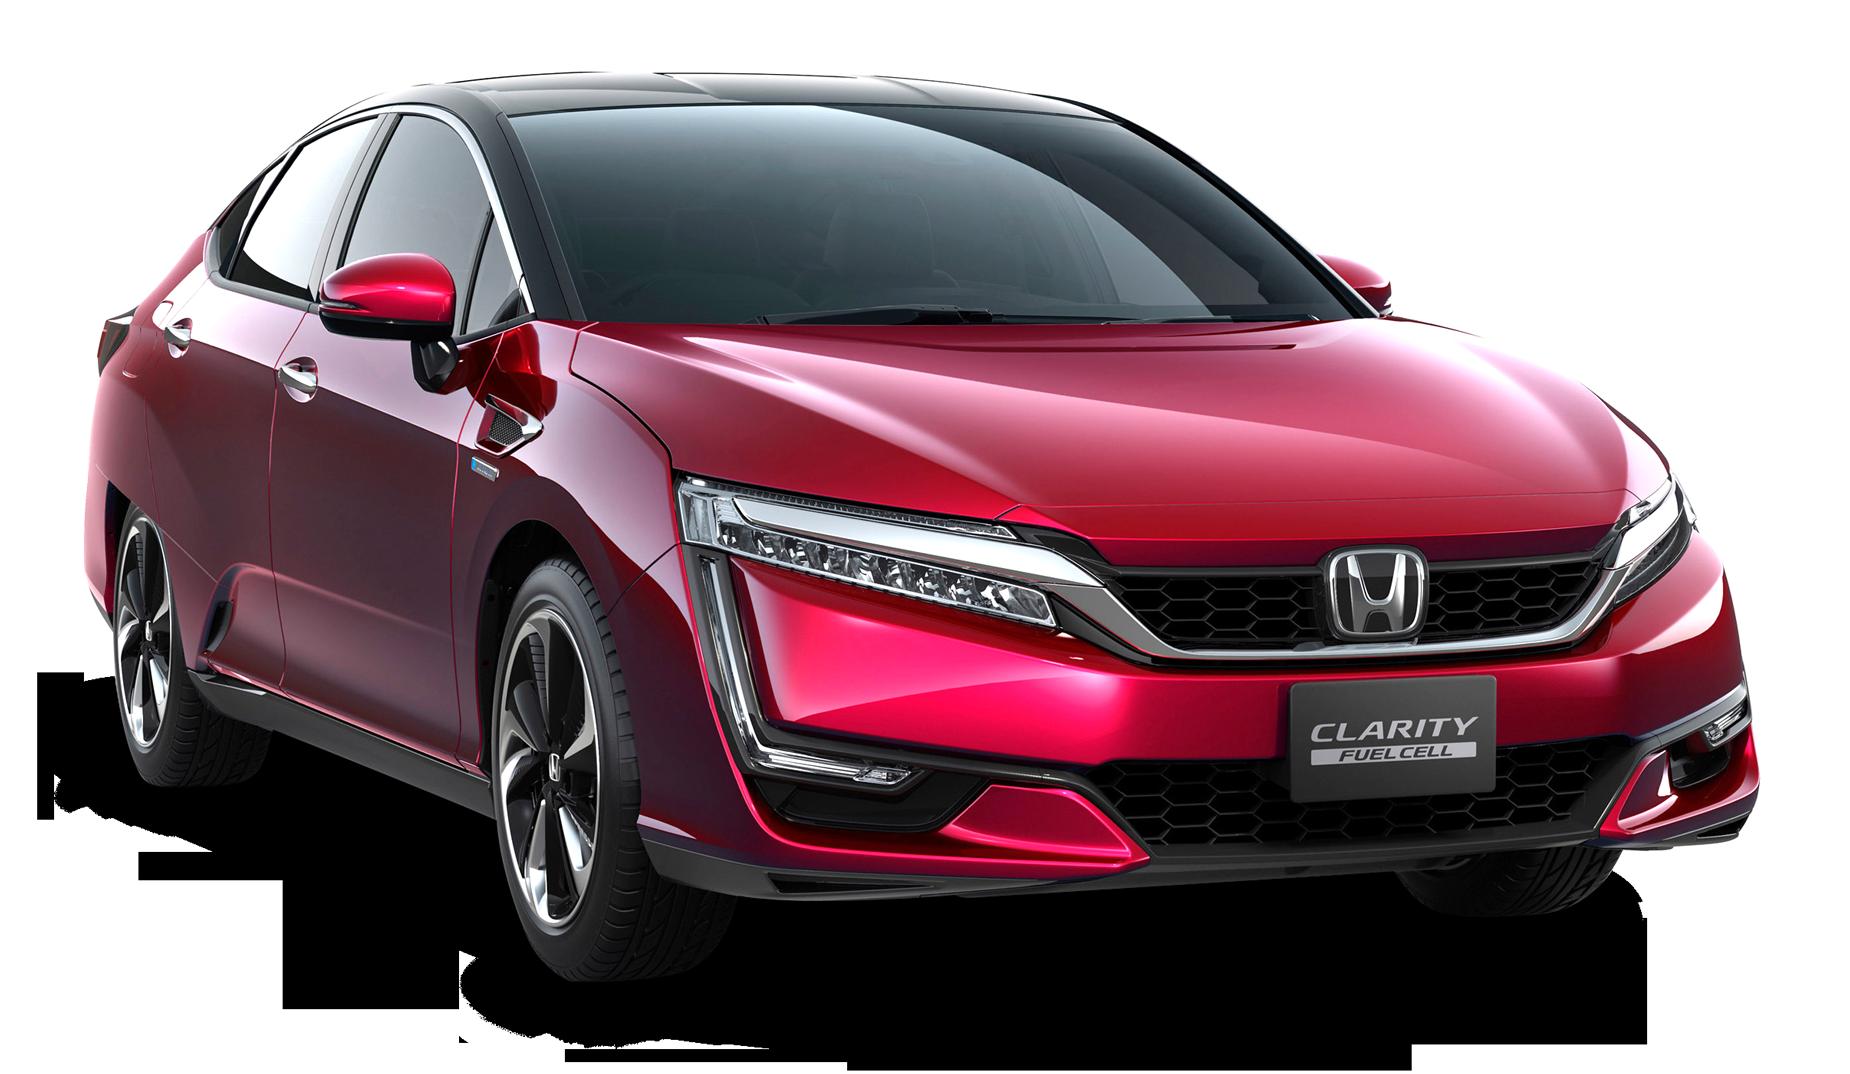 Red Honda Clarity Car